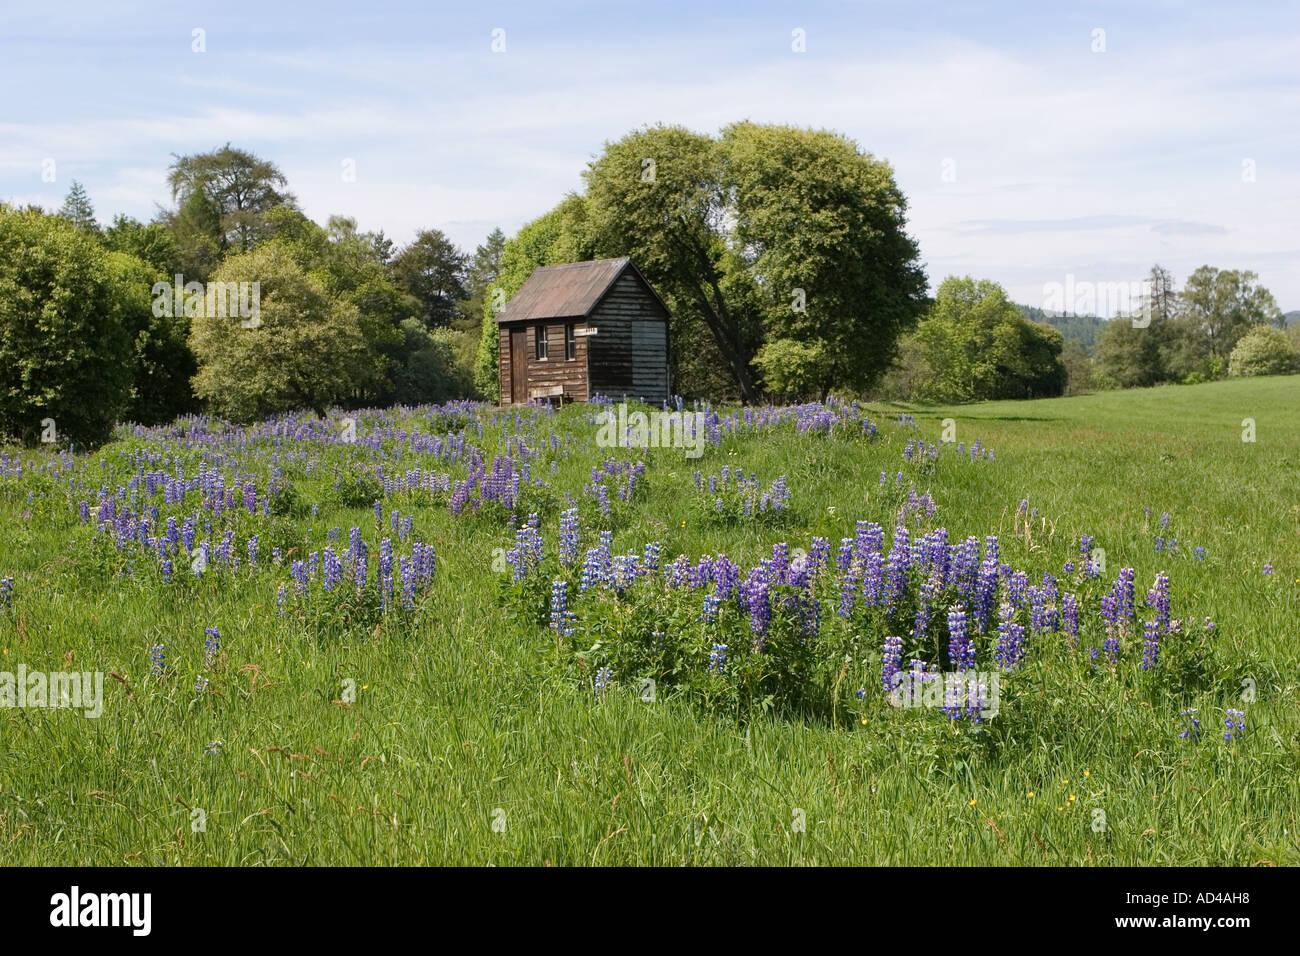 La pêche en rivière, refuge, cabane bothy et naturalisées lupins Balmoral, l'Aberdeenshire, le Photo Stock